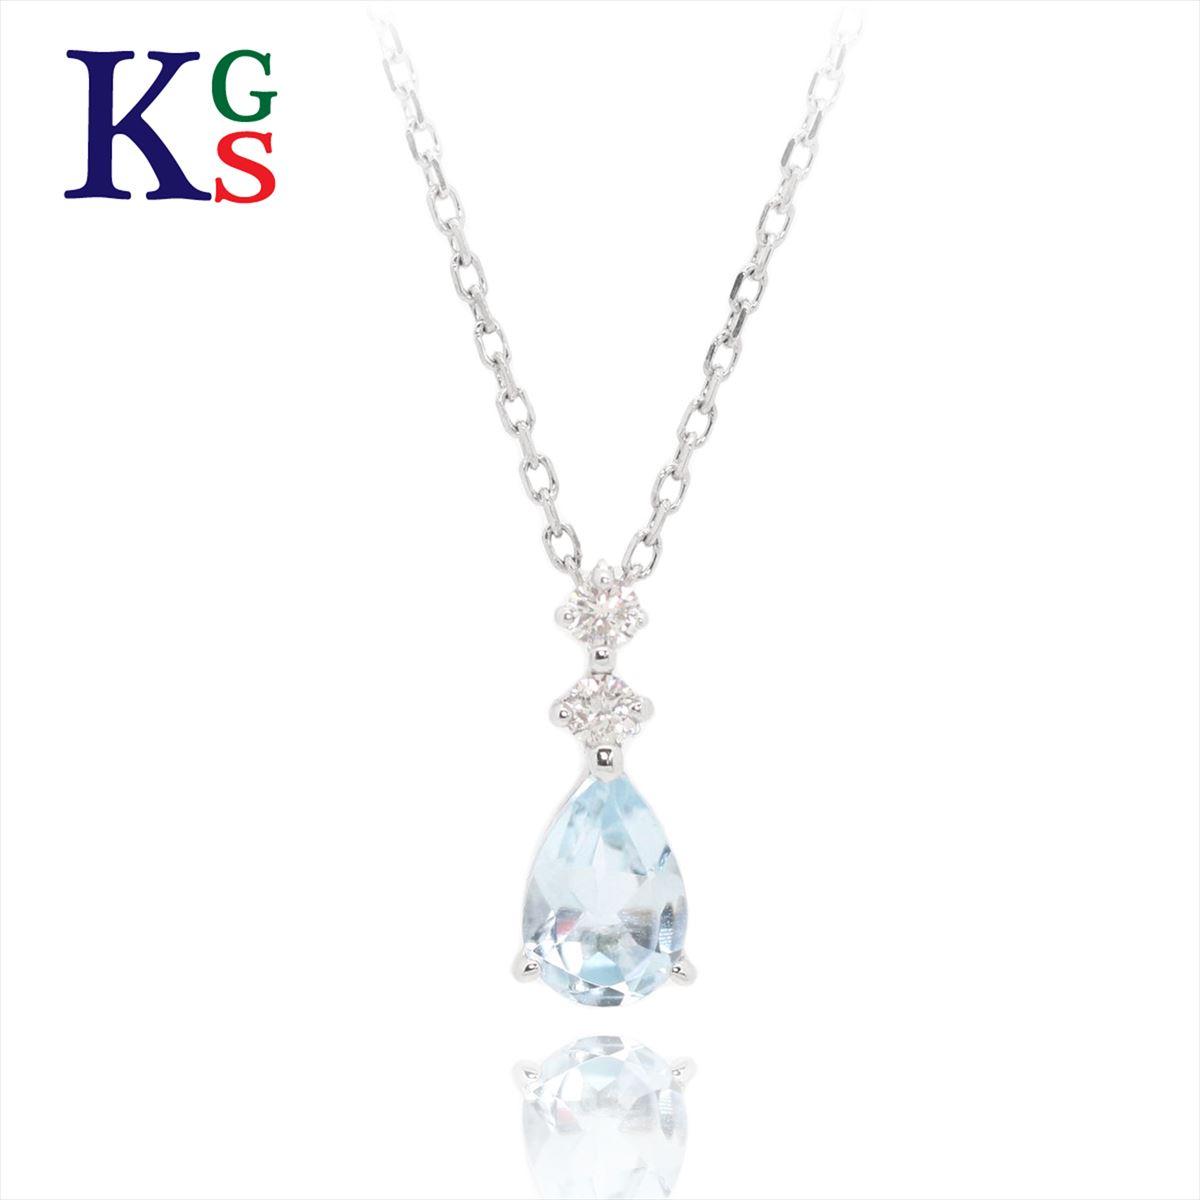 【ギフト品質】ヨンドシー / 4°C ジュエリー ネックレス レディース / ホワイトゴールド K10WG アクアマリン 2Pダイヤモンド 1227